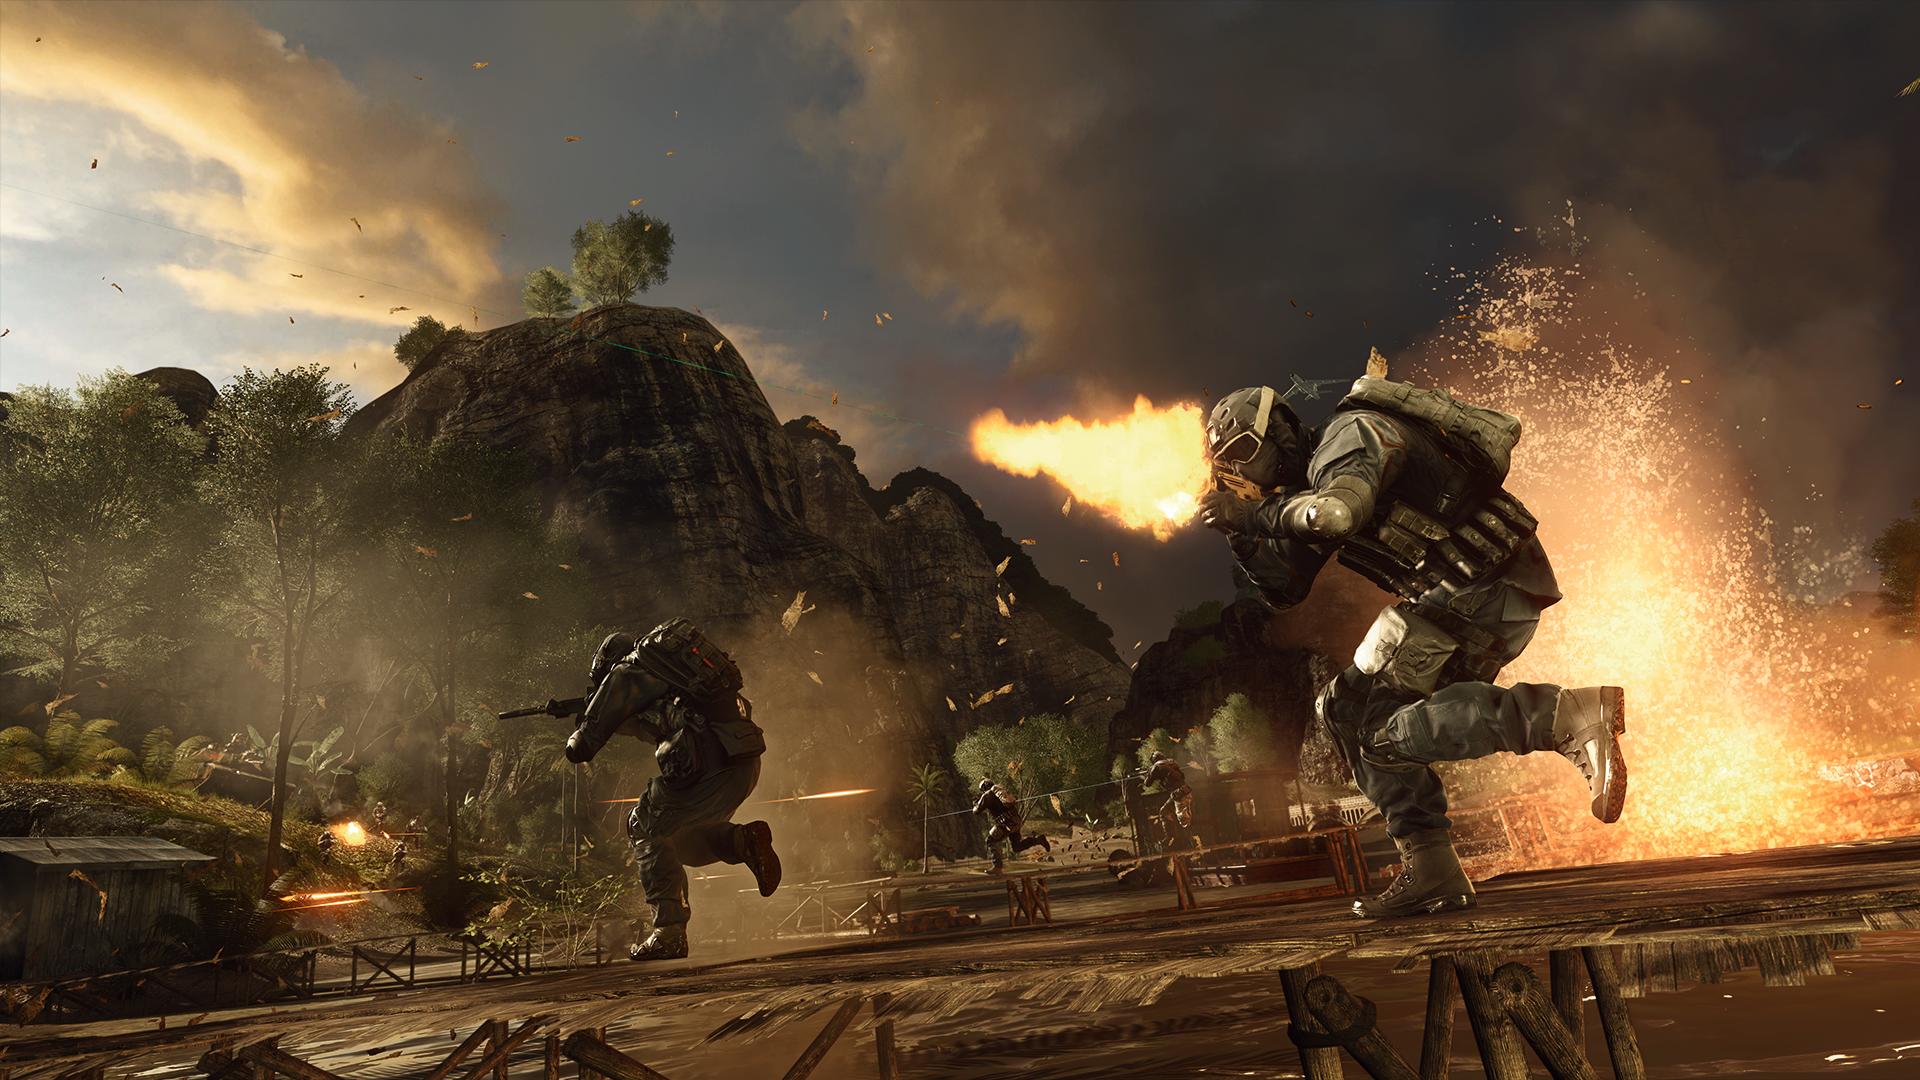 Обои Battlefield 4 HD на рабочий стол. скачать ...: zetaprime.ru/igrovie-oboi/battlefield-4